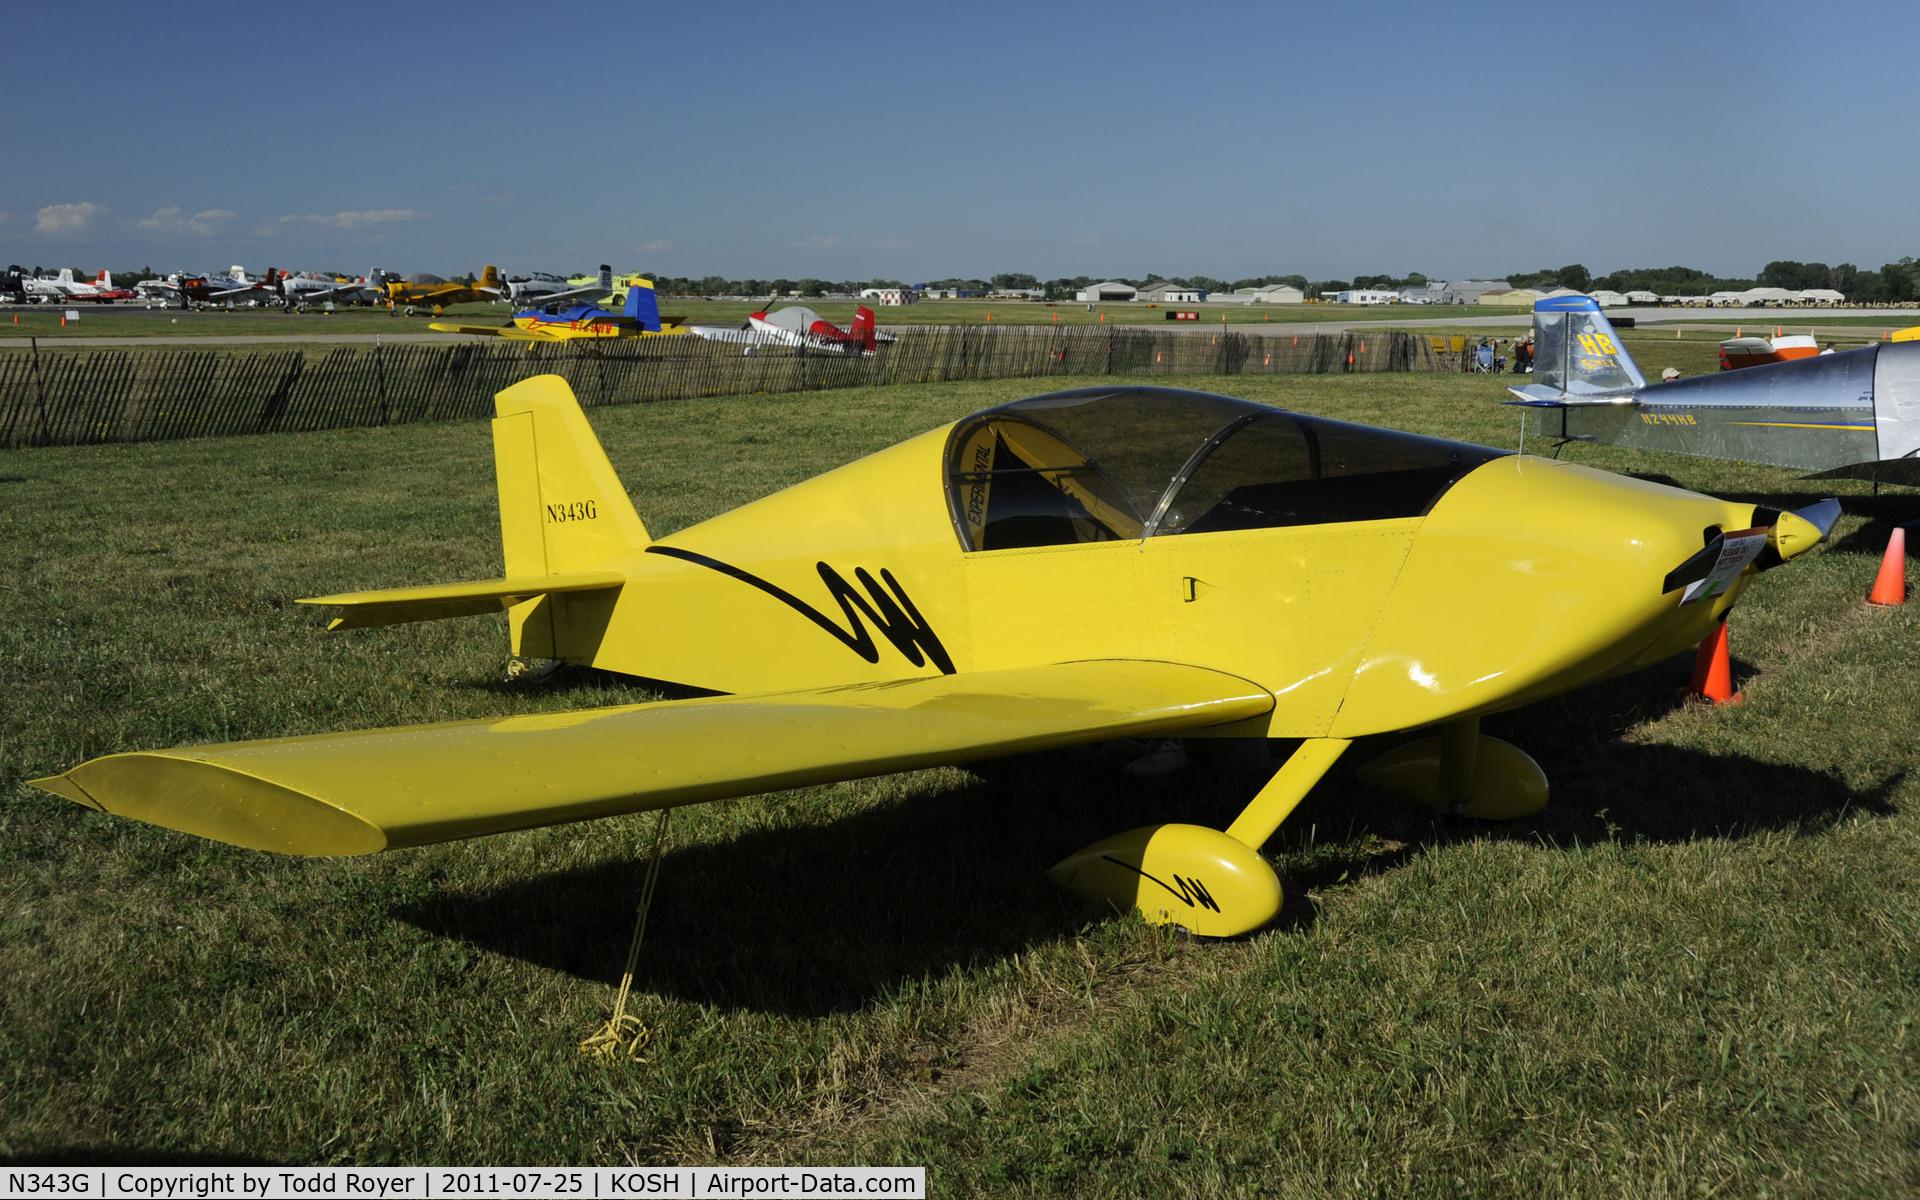 N343G, Sonex Sonex C/N 0826, AIRVENTURE 2011